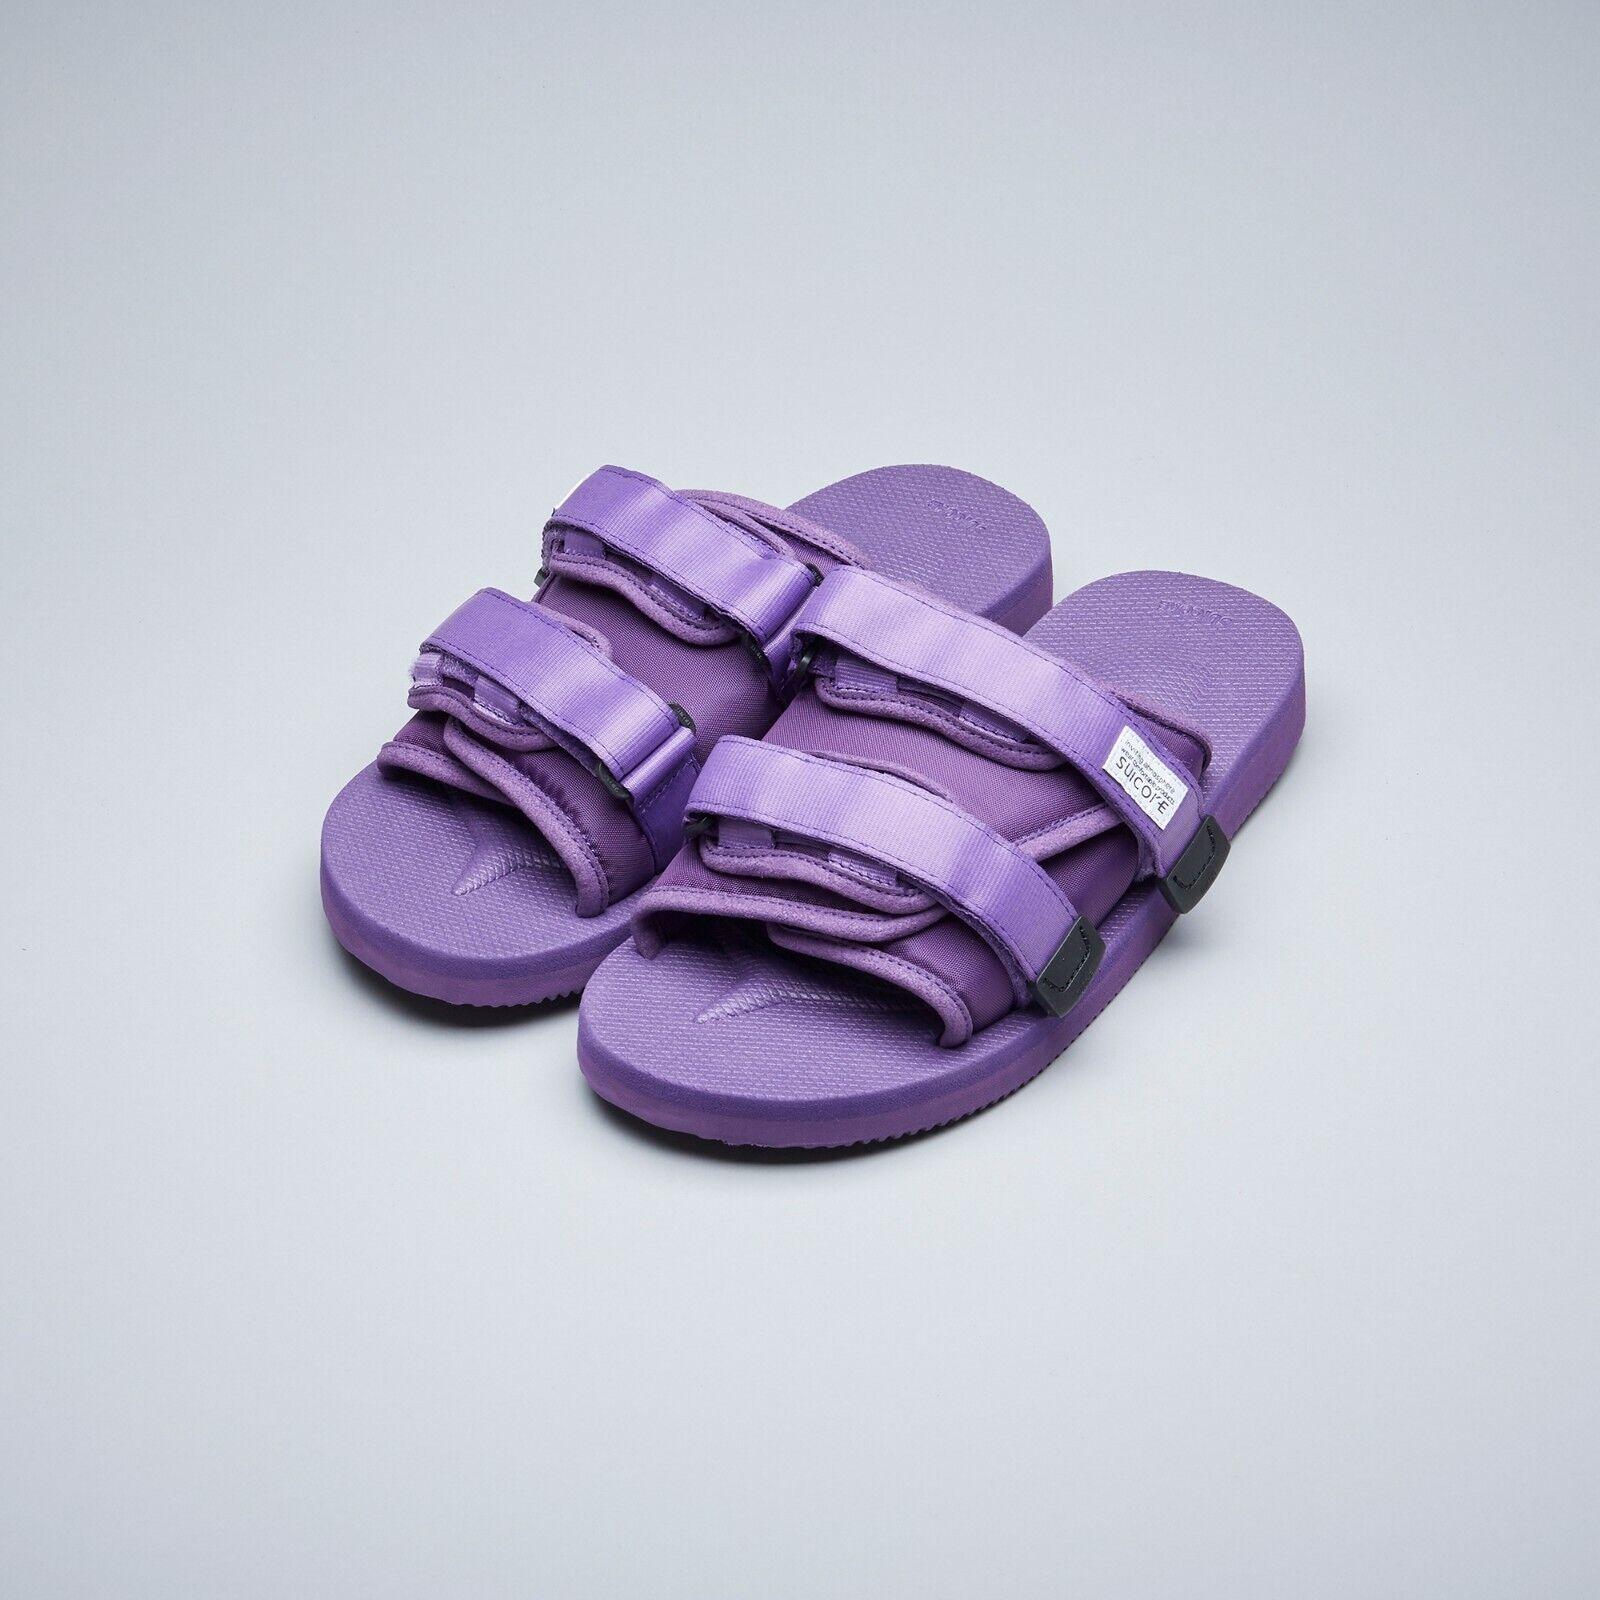 20c6dcfdc Suicoke SS19 OG-056Cab / MOTO-Cab Purple Nylon Antibacterial Sandals Slides